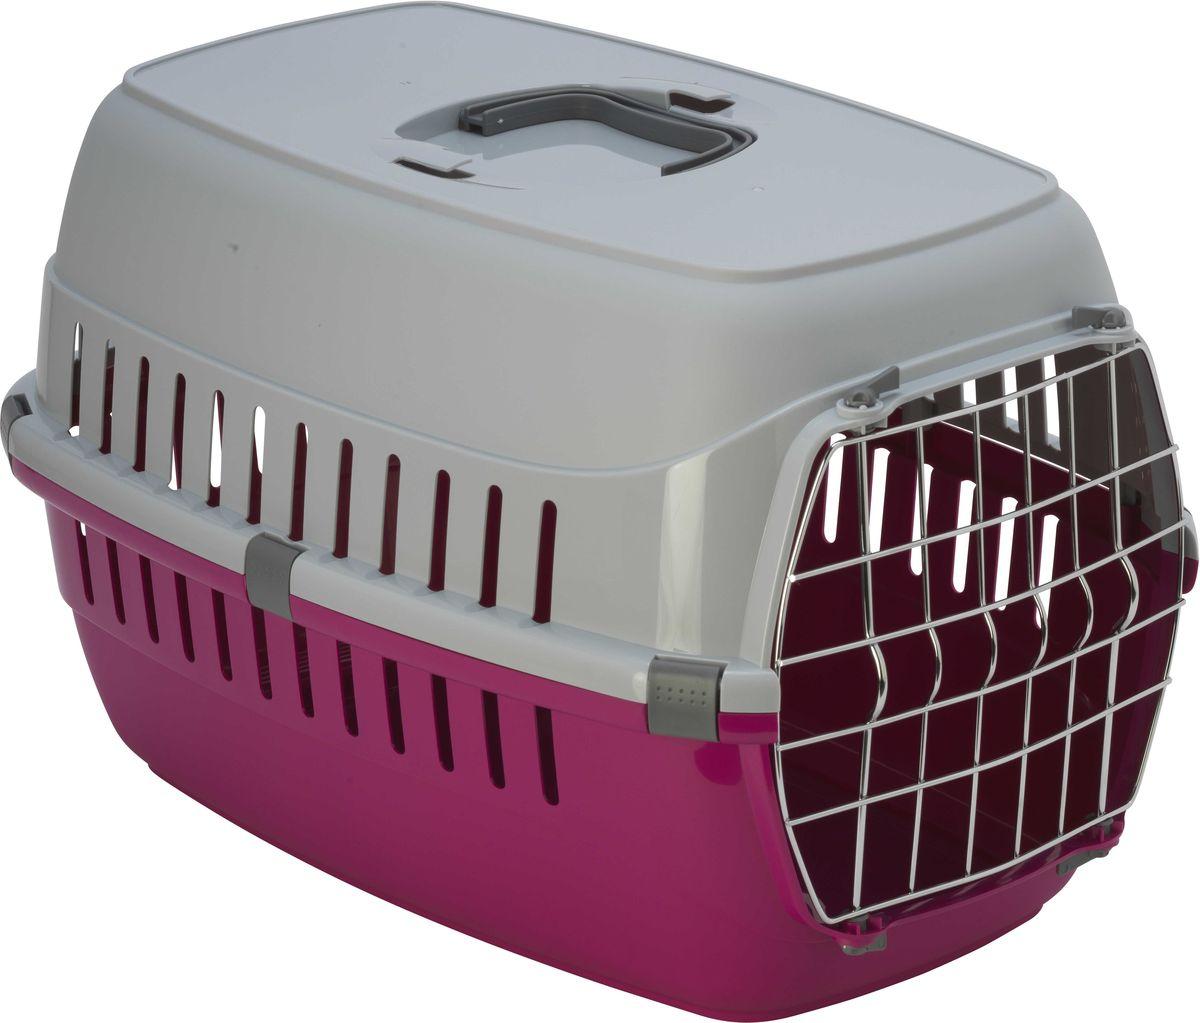 Переноска для животных Moderna  Roadrunner 1 , с металлической дверью, цвет: ярко-розовый, 31 х 51 х 34 см - Переноски, товары для транспортировки